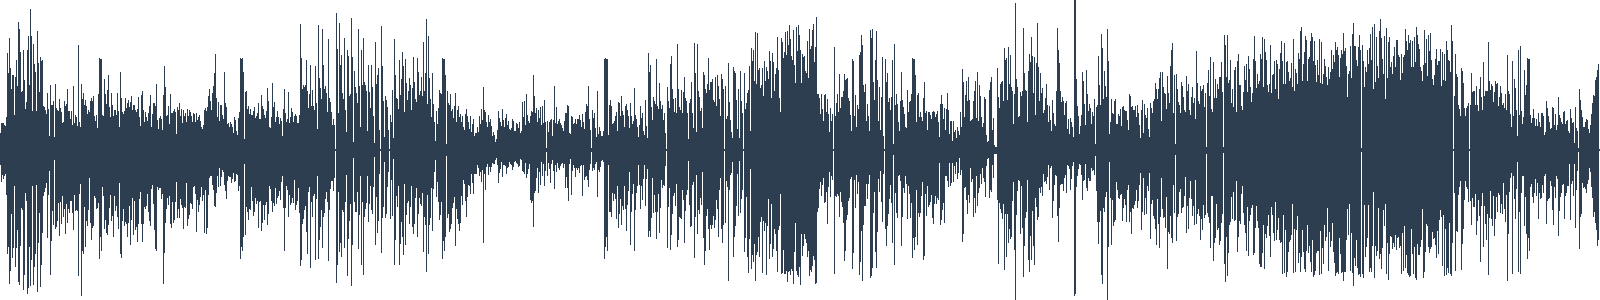 Analfabetka, která uměla počítat (Audiokniha roku 2014) waveform